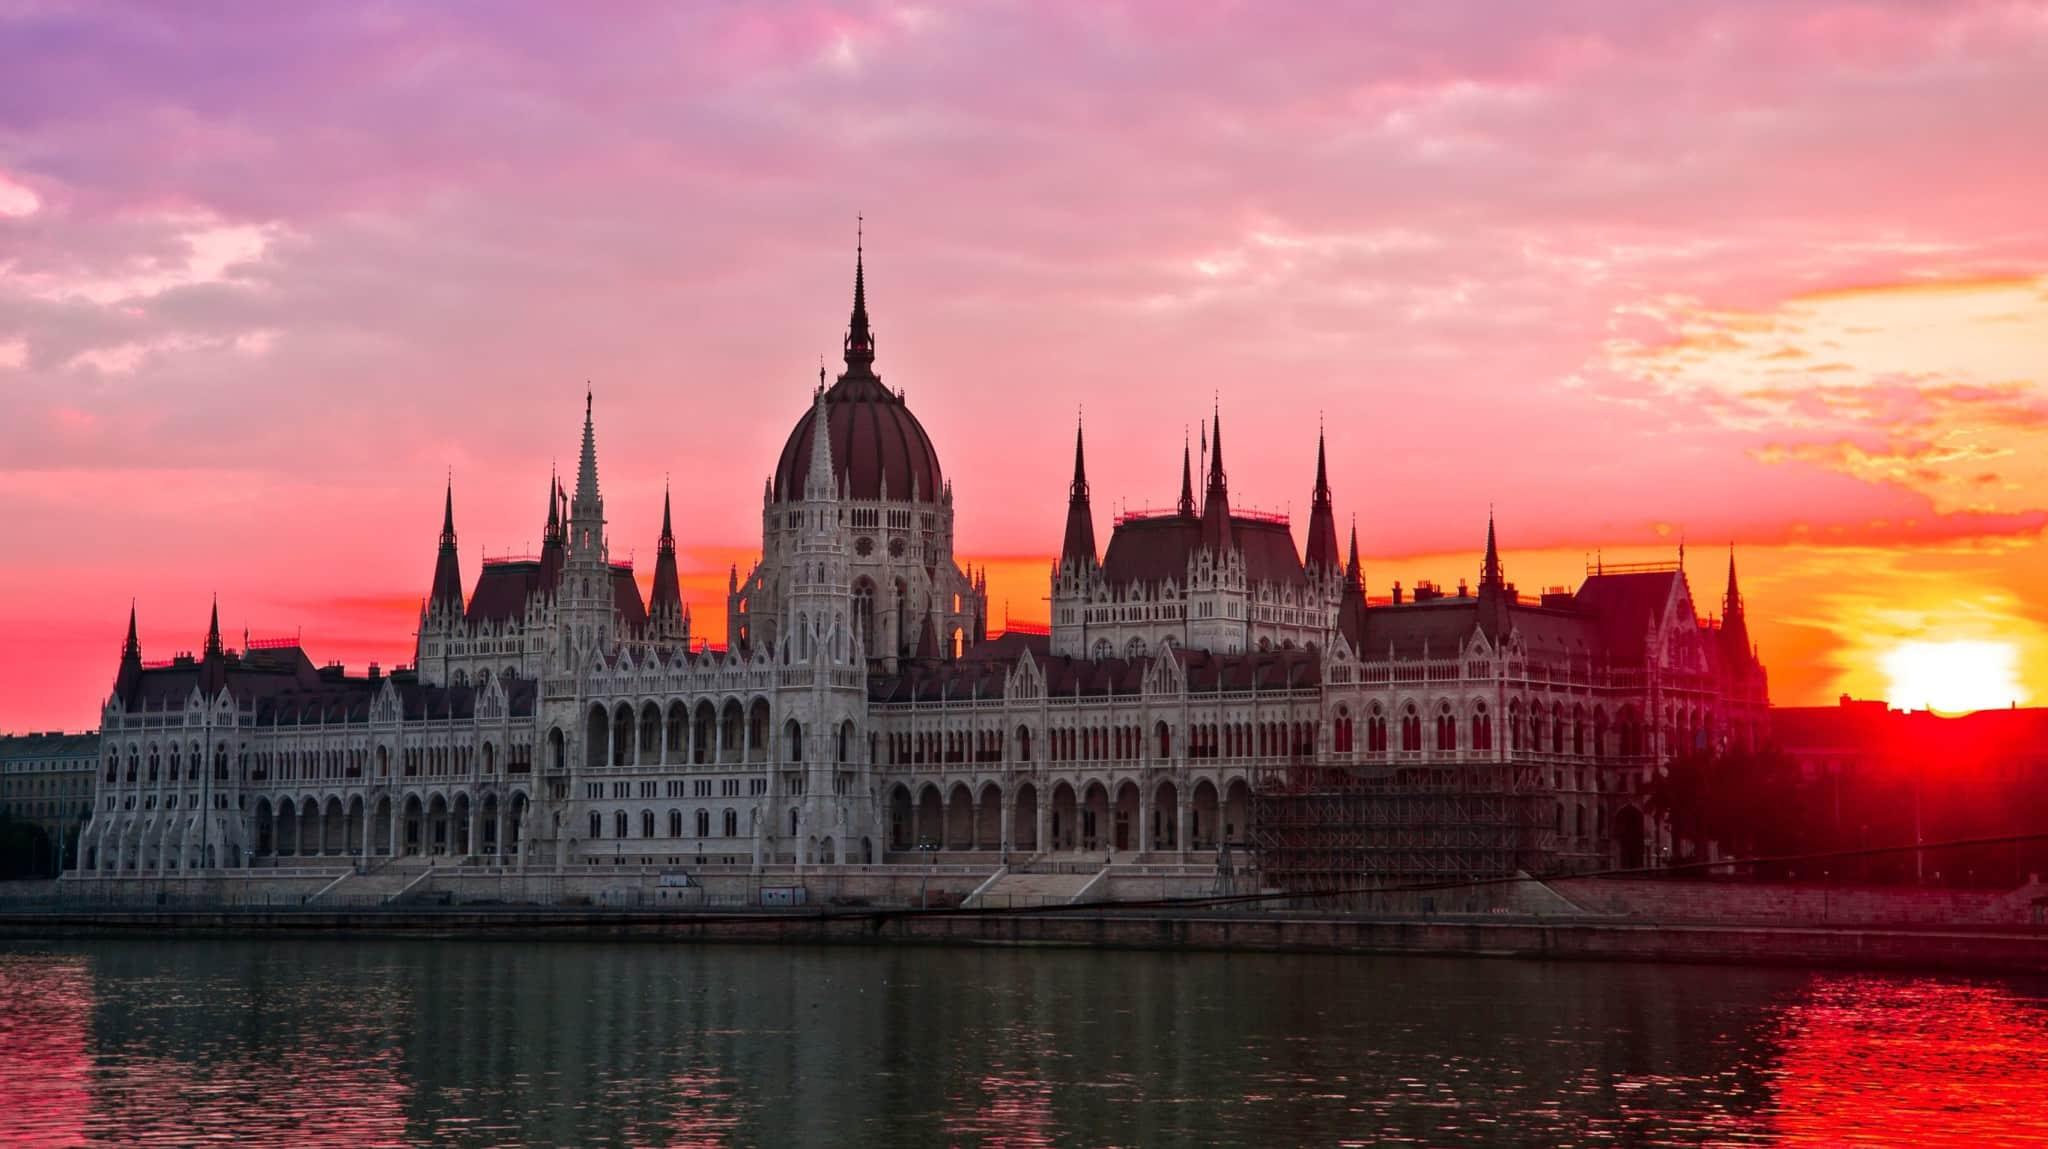 Budapestt Sunset in September